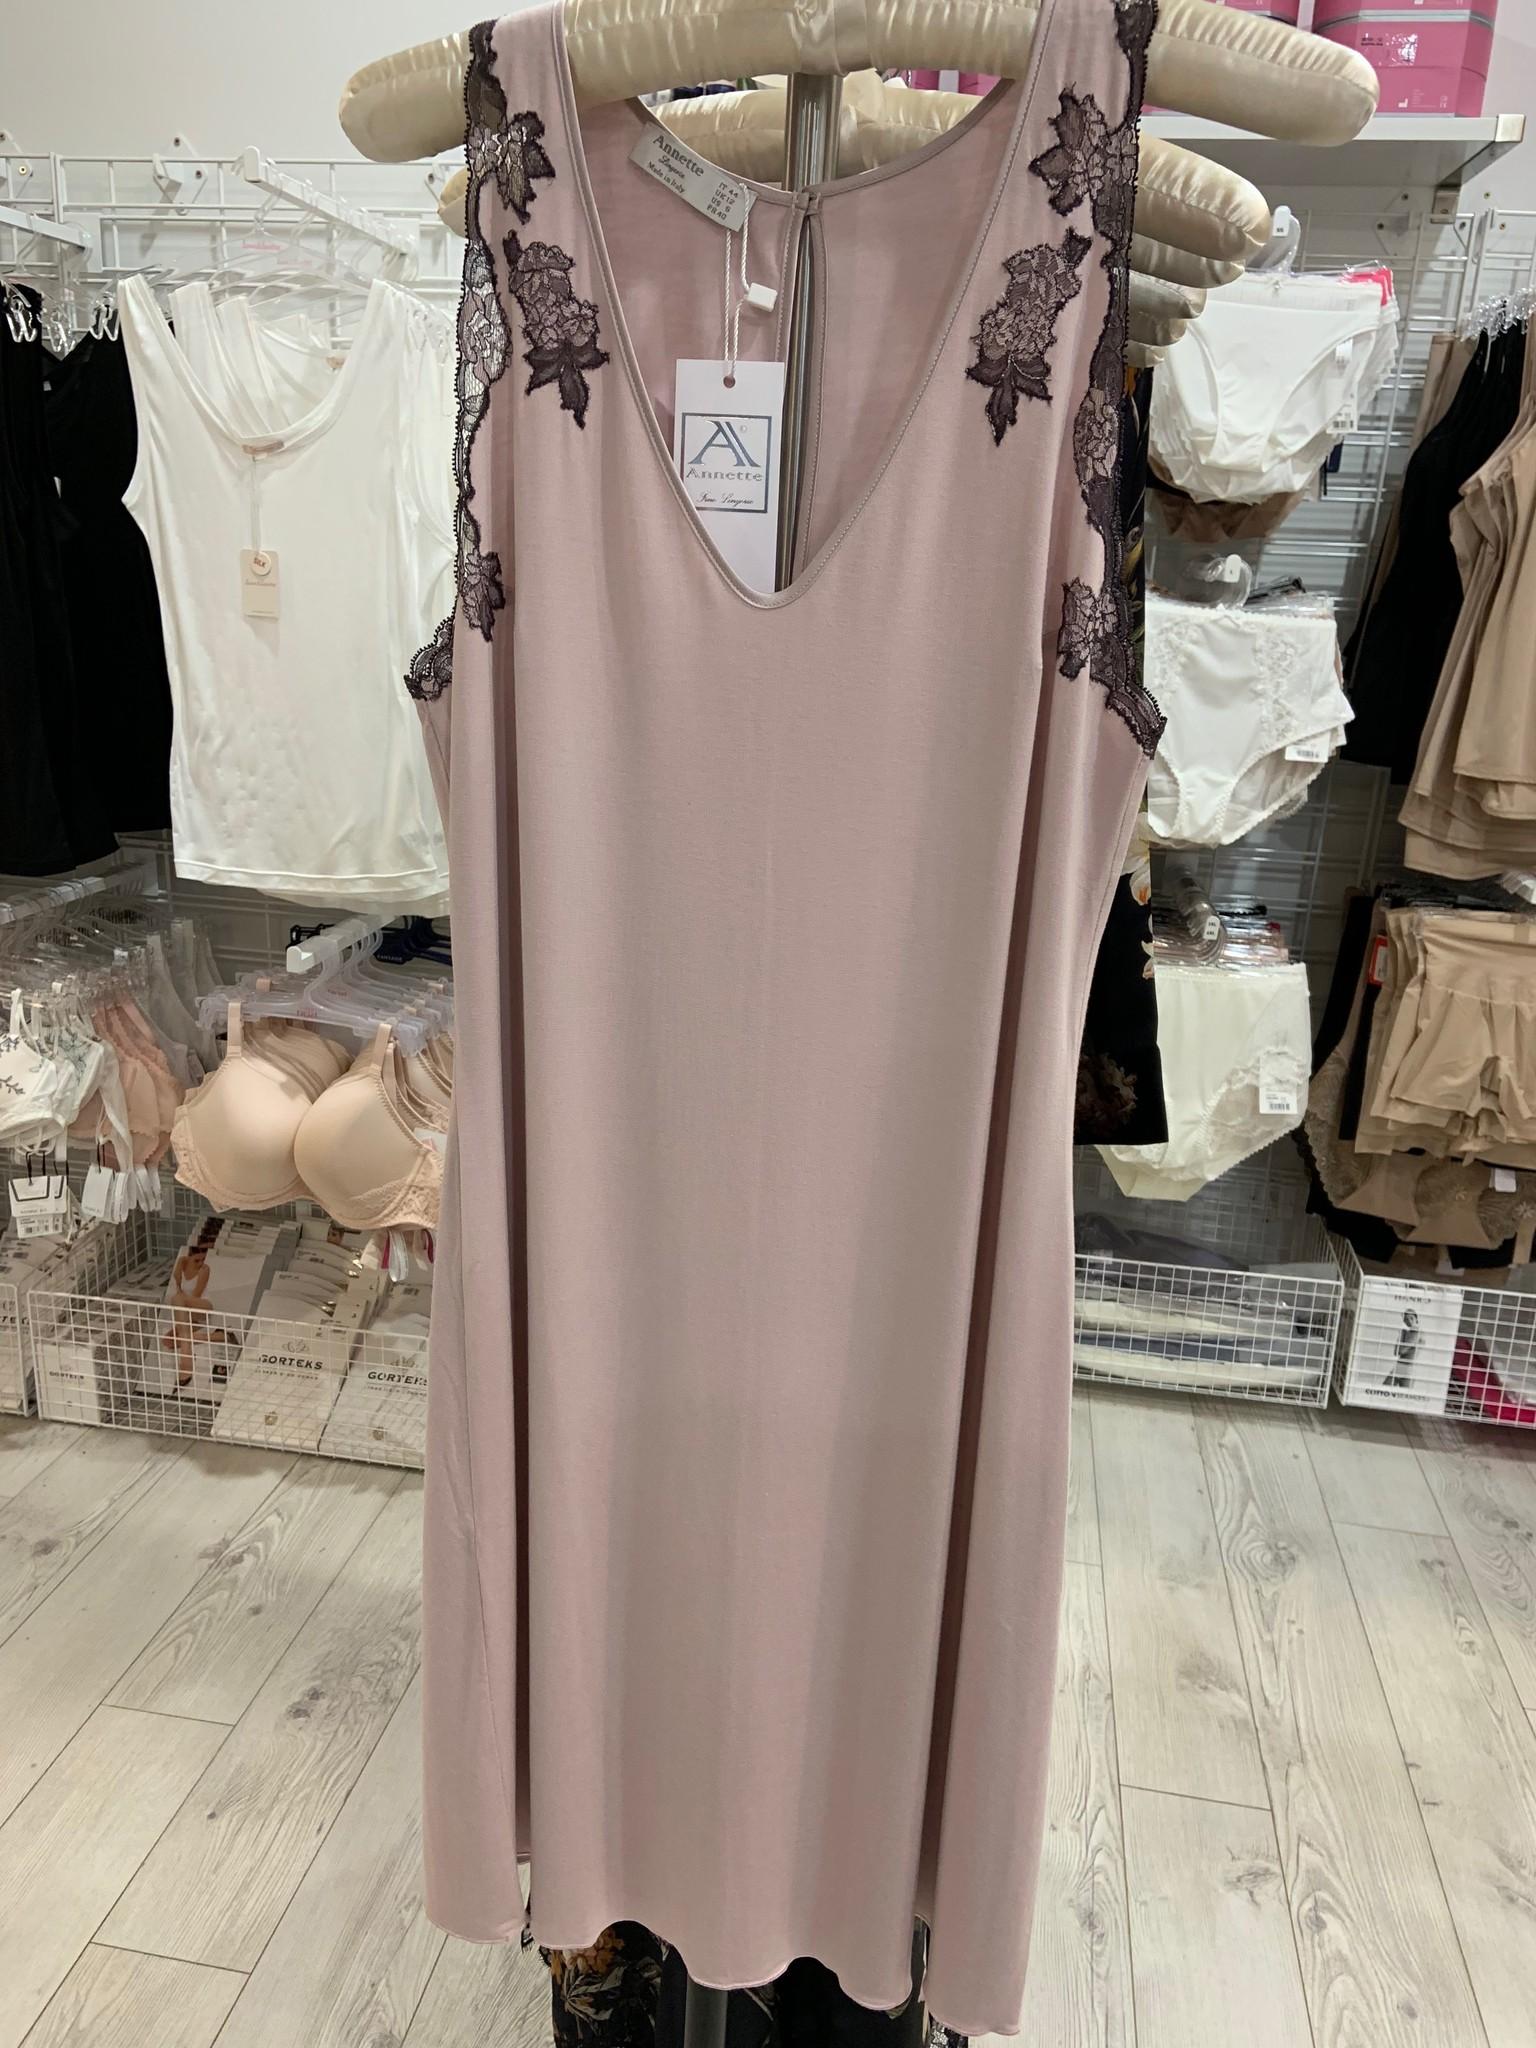 Annette Annette Canotta Maglia Sleeveless Short Dress 2014 Rosa/Shade